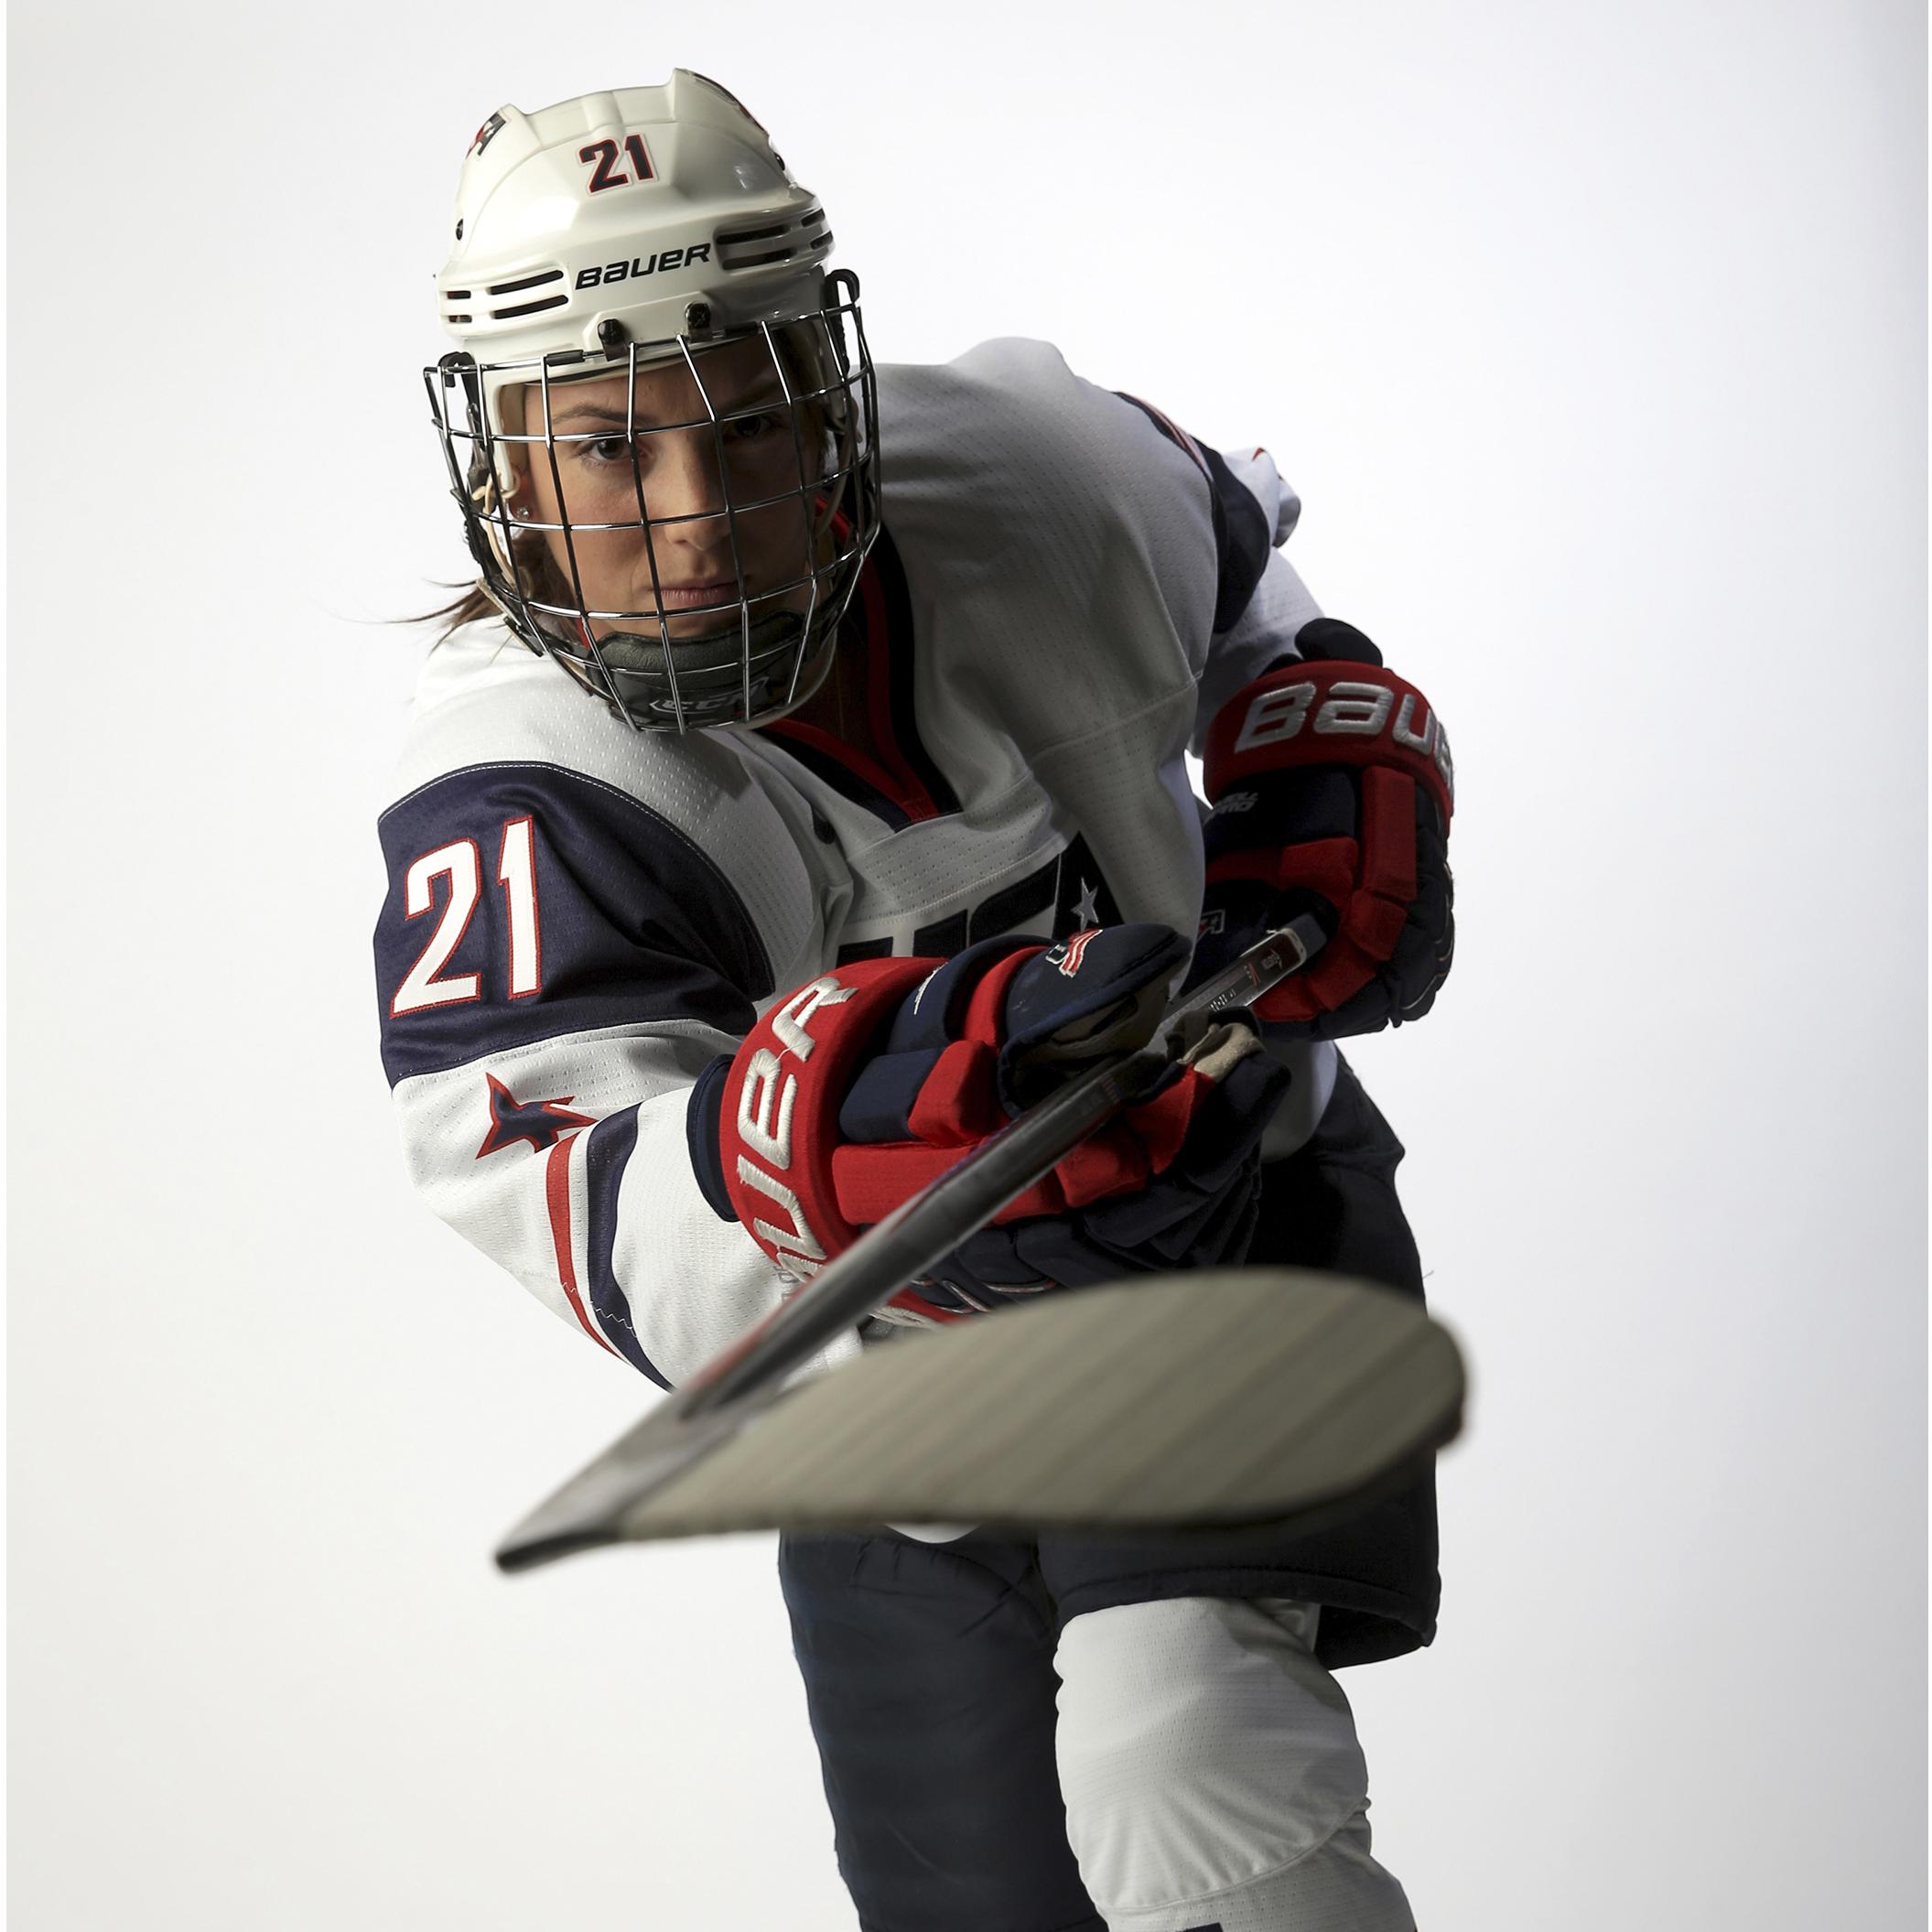 170329-hilary-knight-ice-hockey-womens